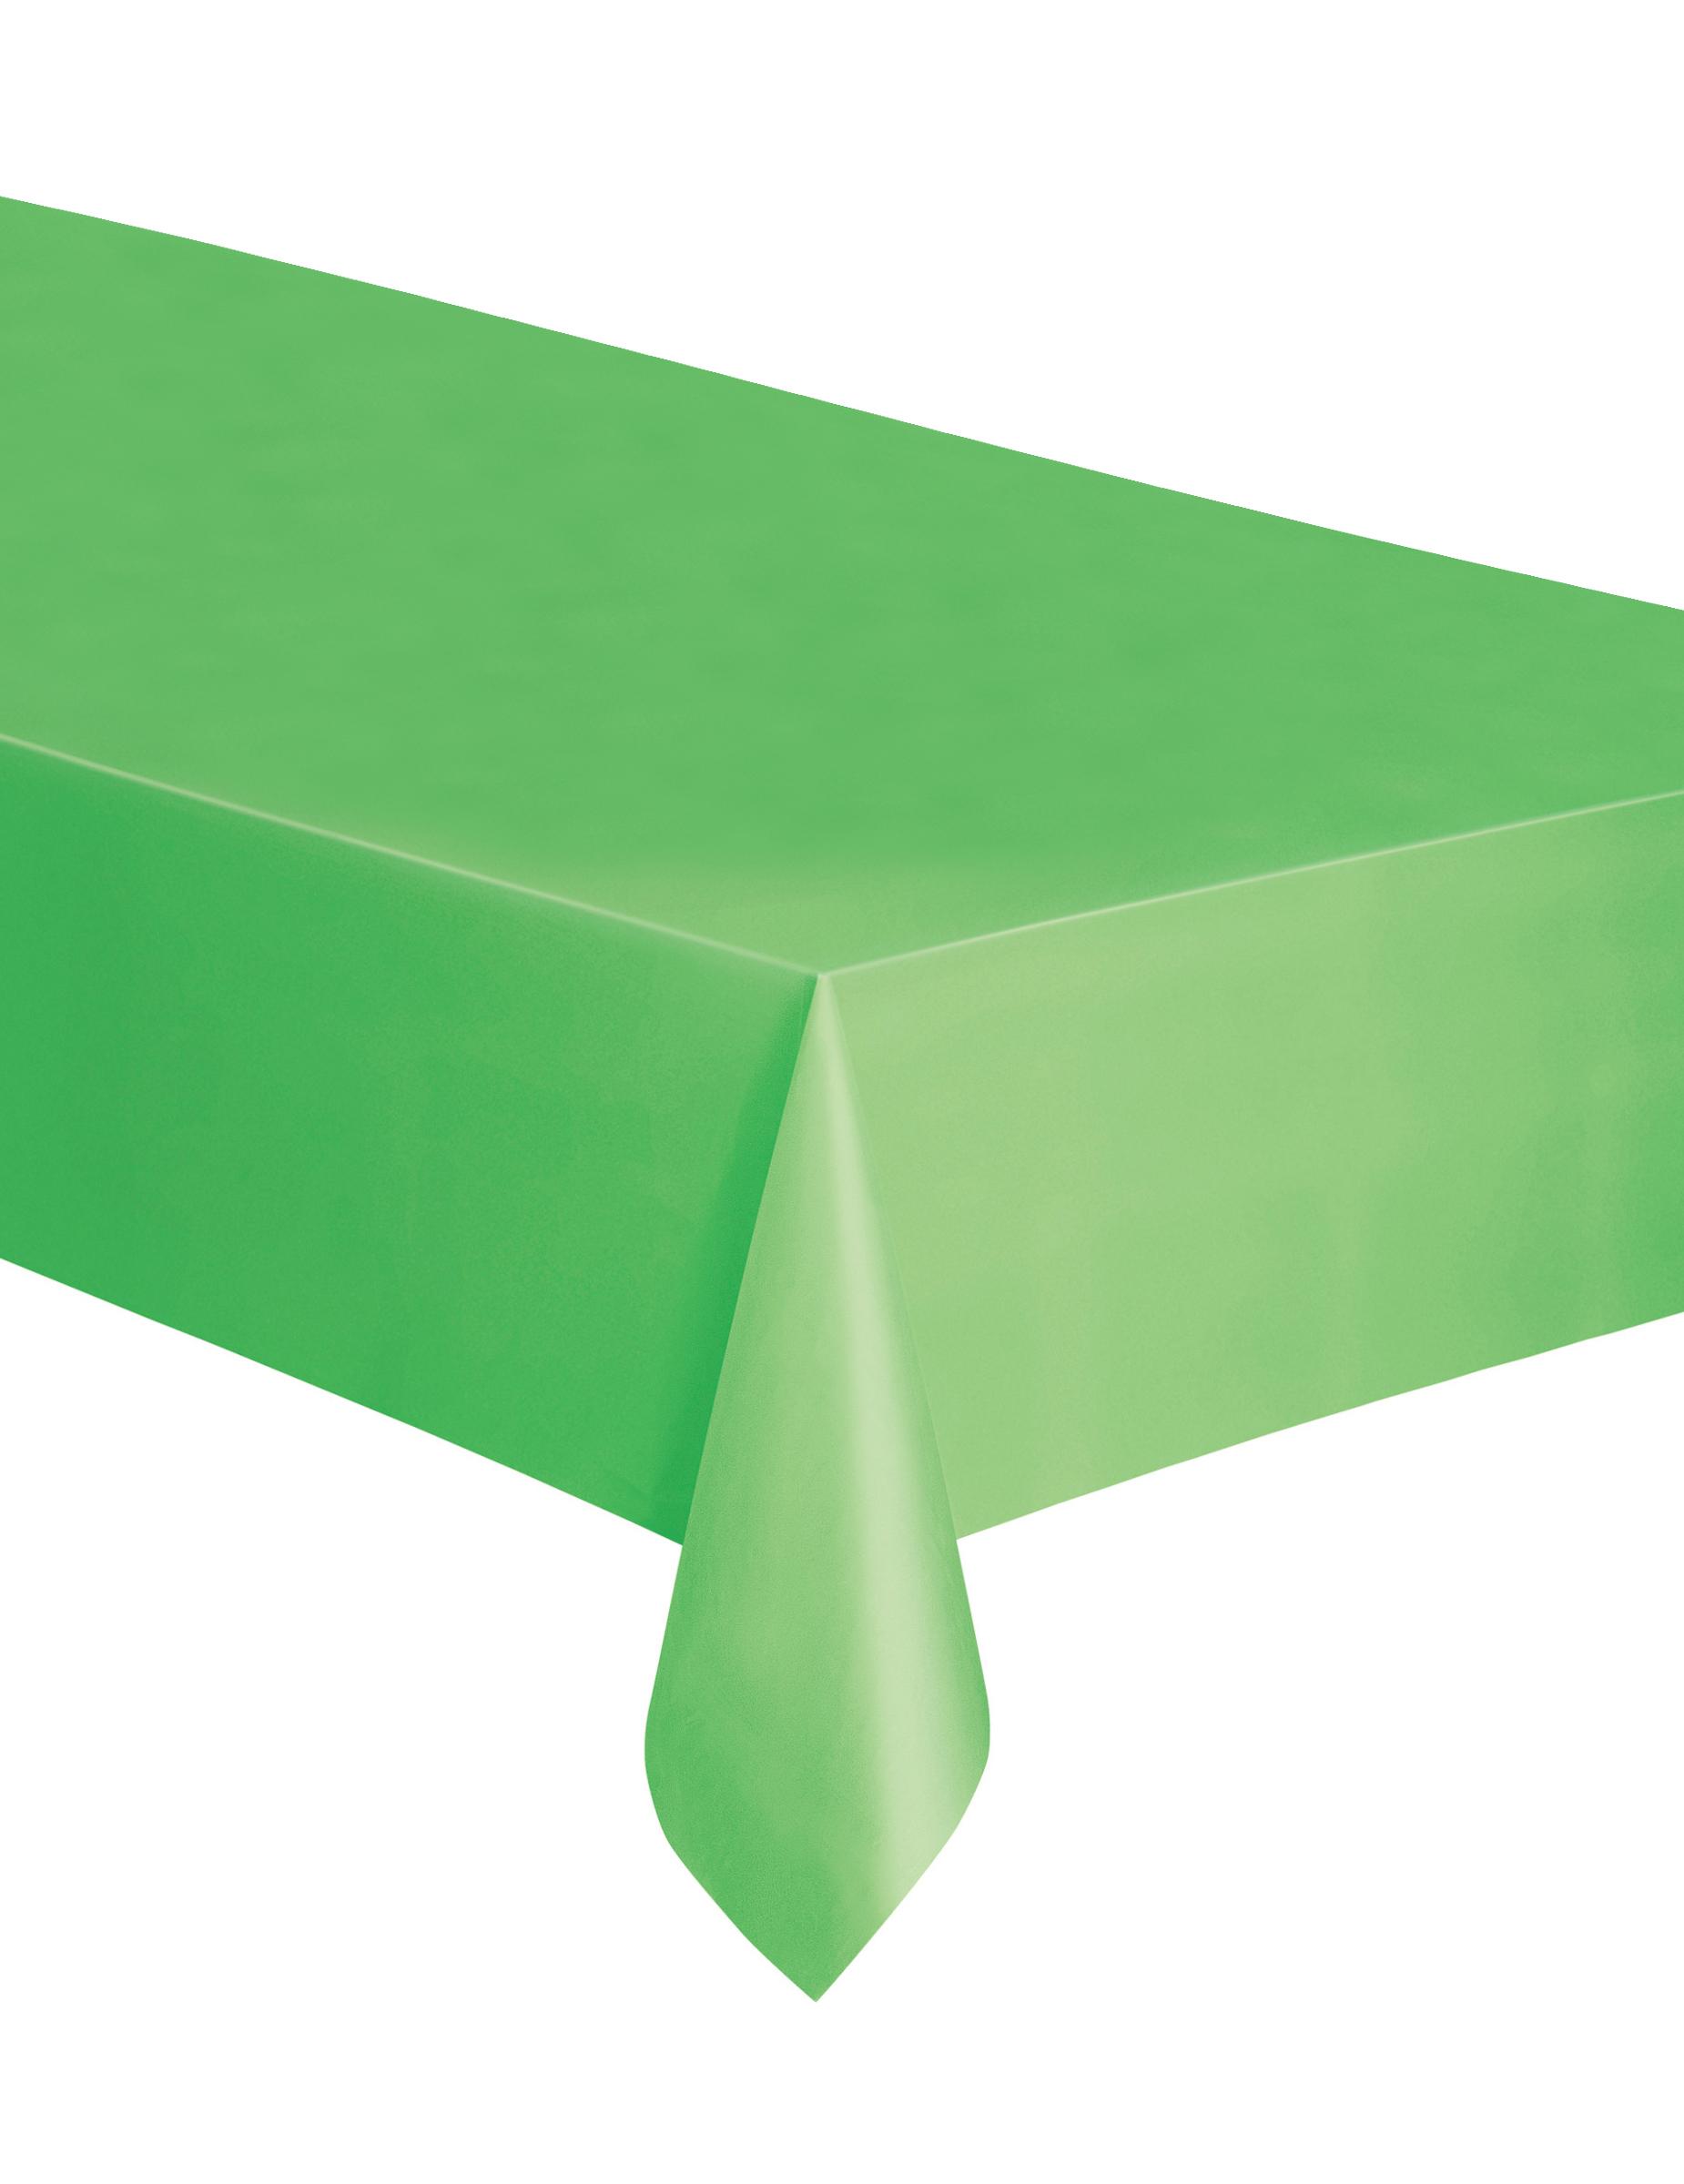 nappe rectangulaire en plastique vert citron. Black Bedroom Furniture Sets. Home Design Ideas